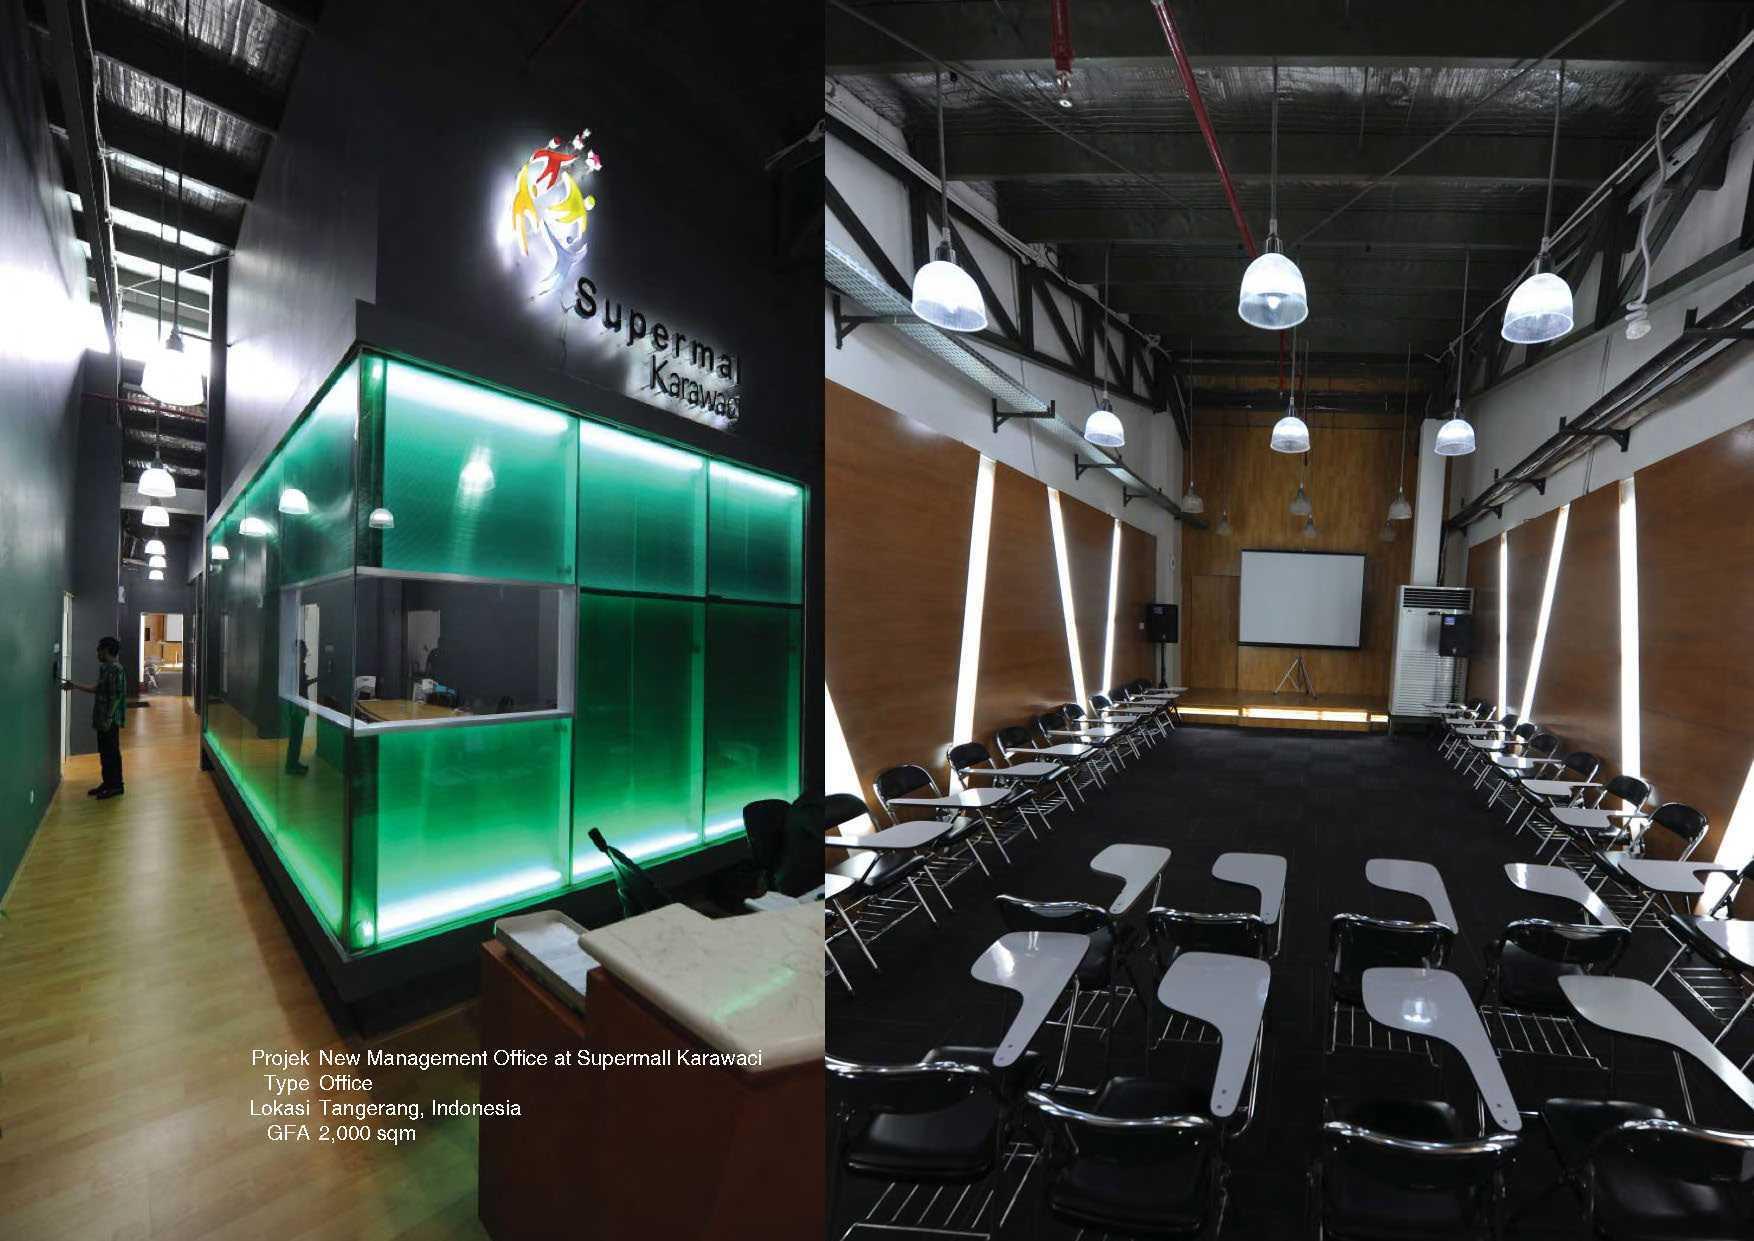 Tau Architect Supermal Karawaci Management Office Karawaci Karawaci Office Industrial  13818